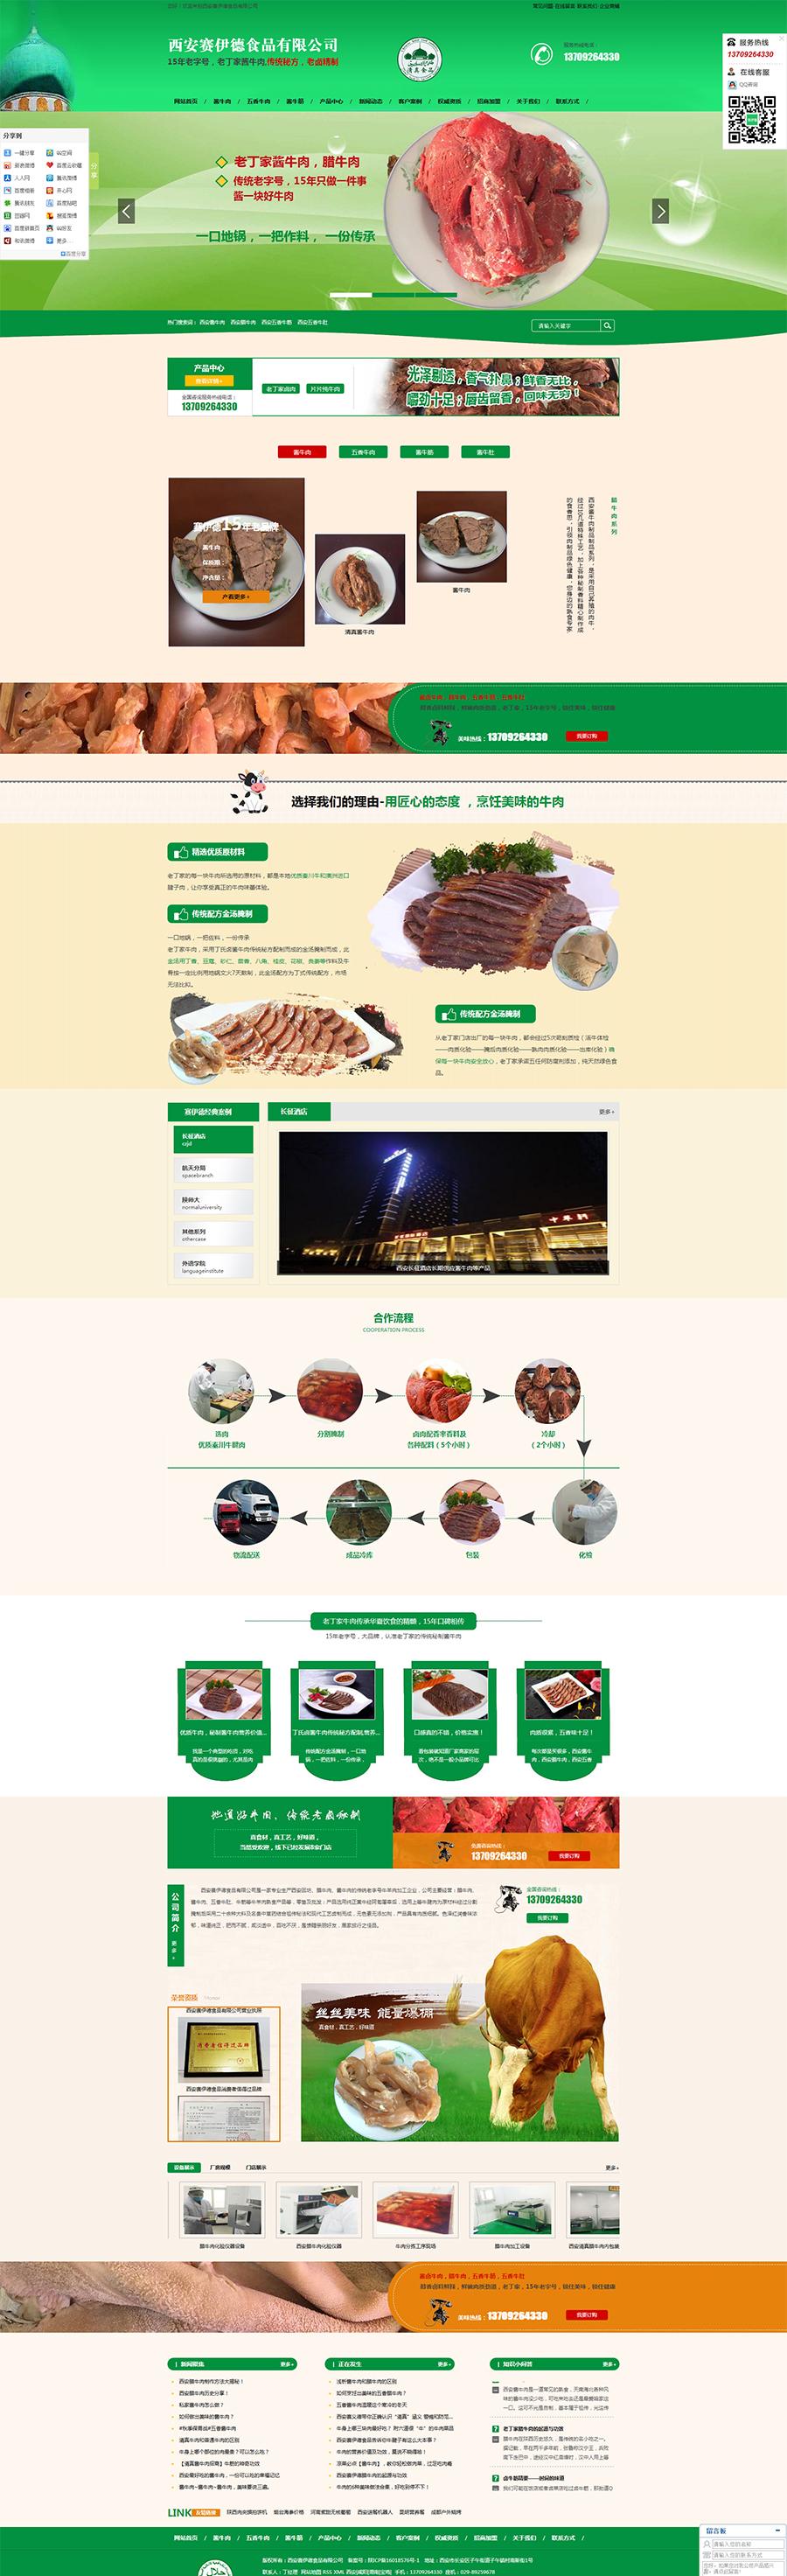 西安酱牛肉,西安腊牛肉,西安五香牛筋,西安五香牛肚_西安赛伊德食品有限公司.jpg